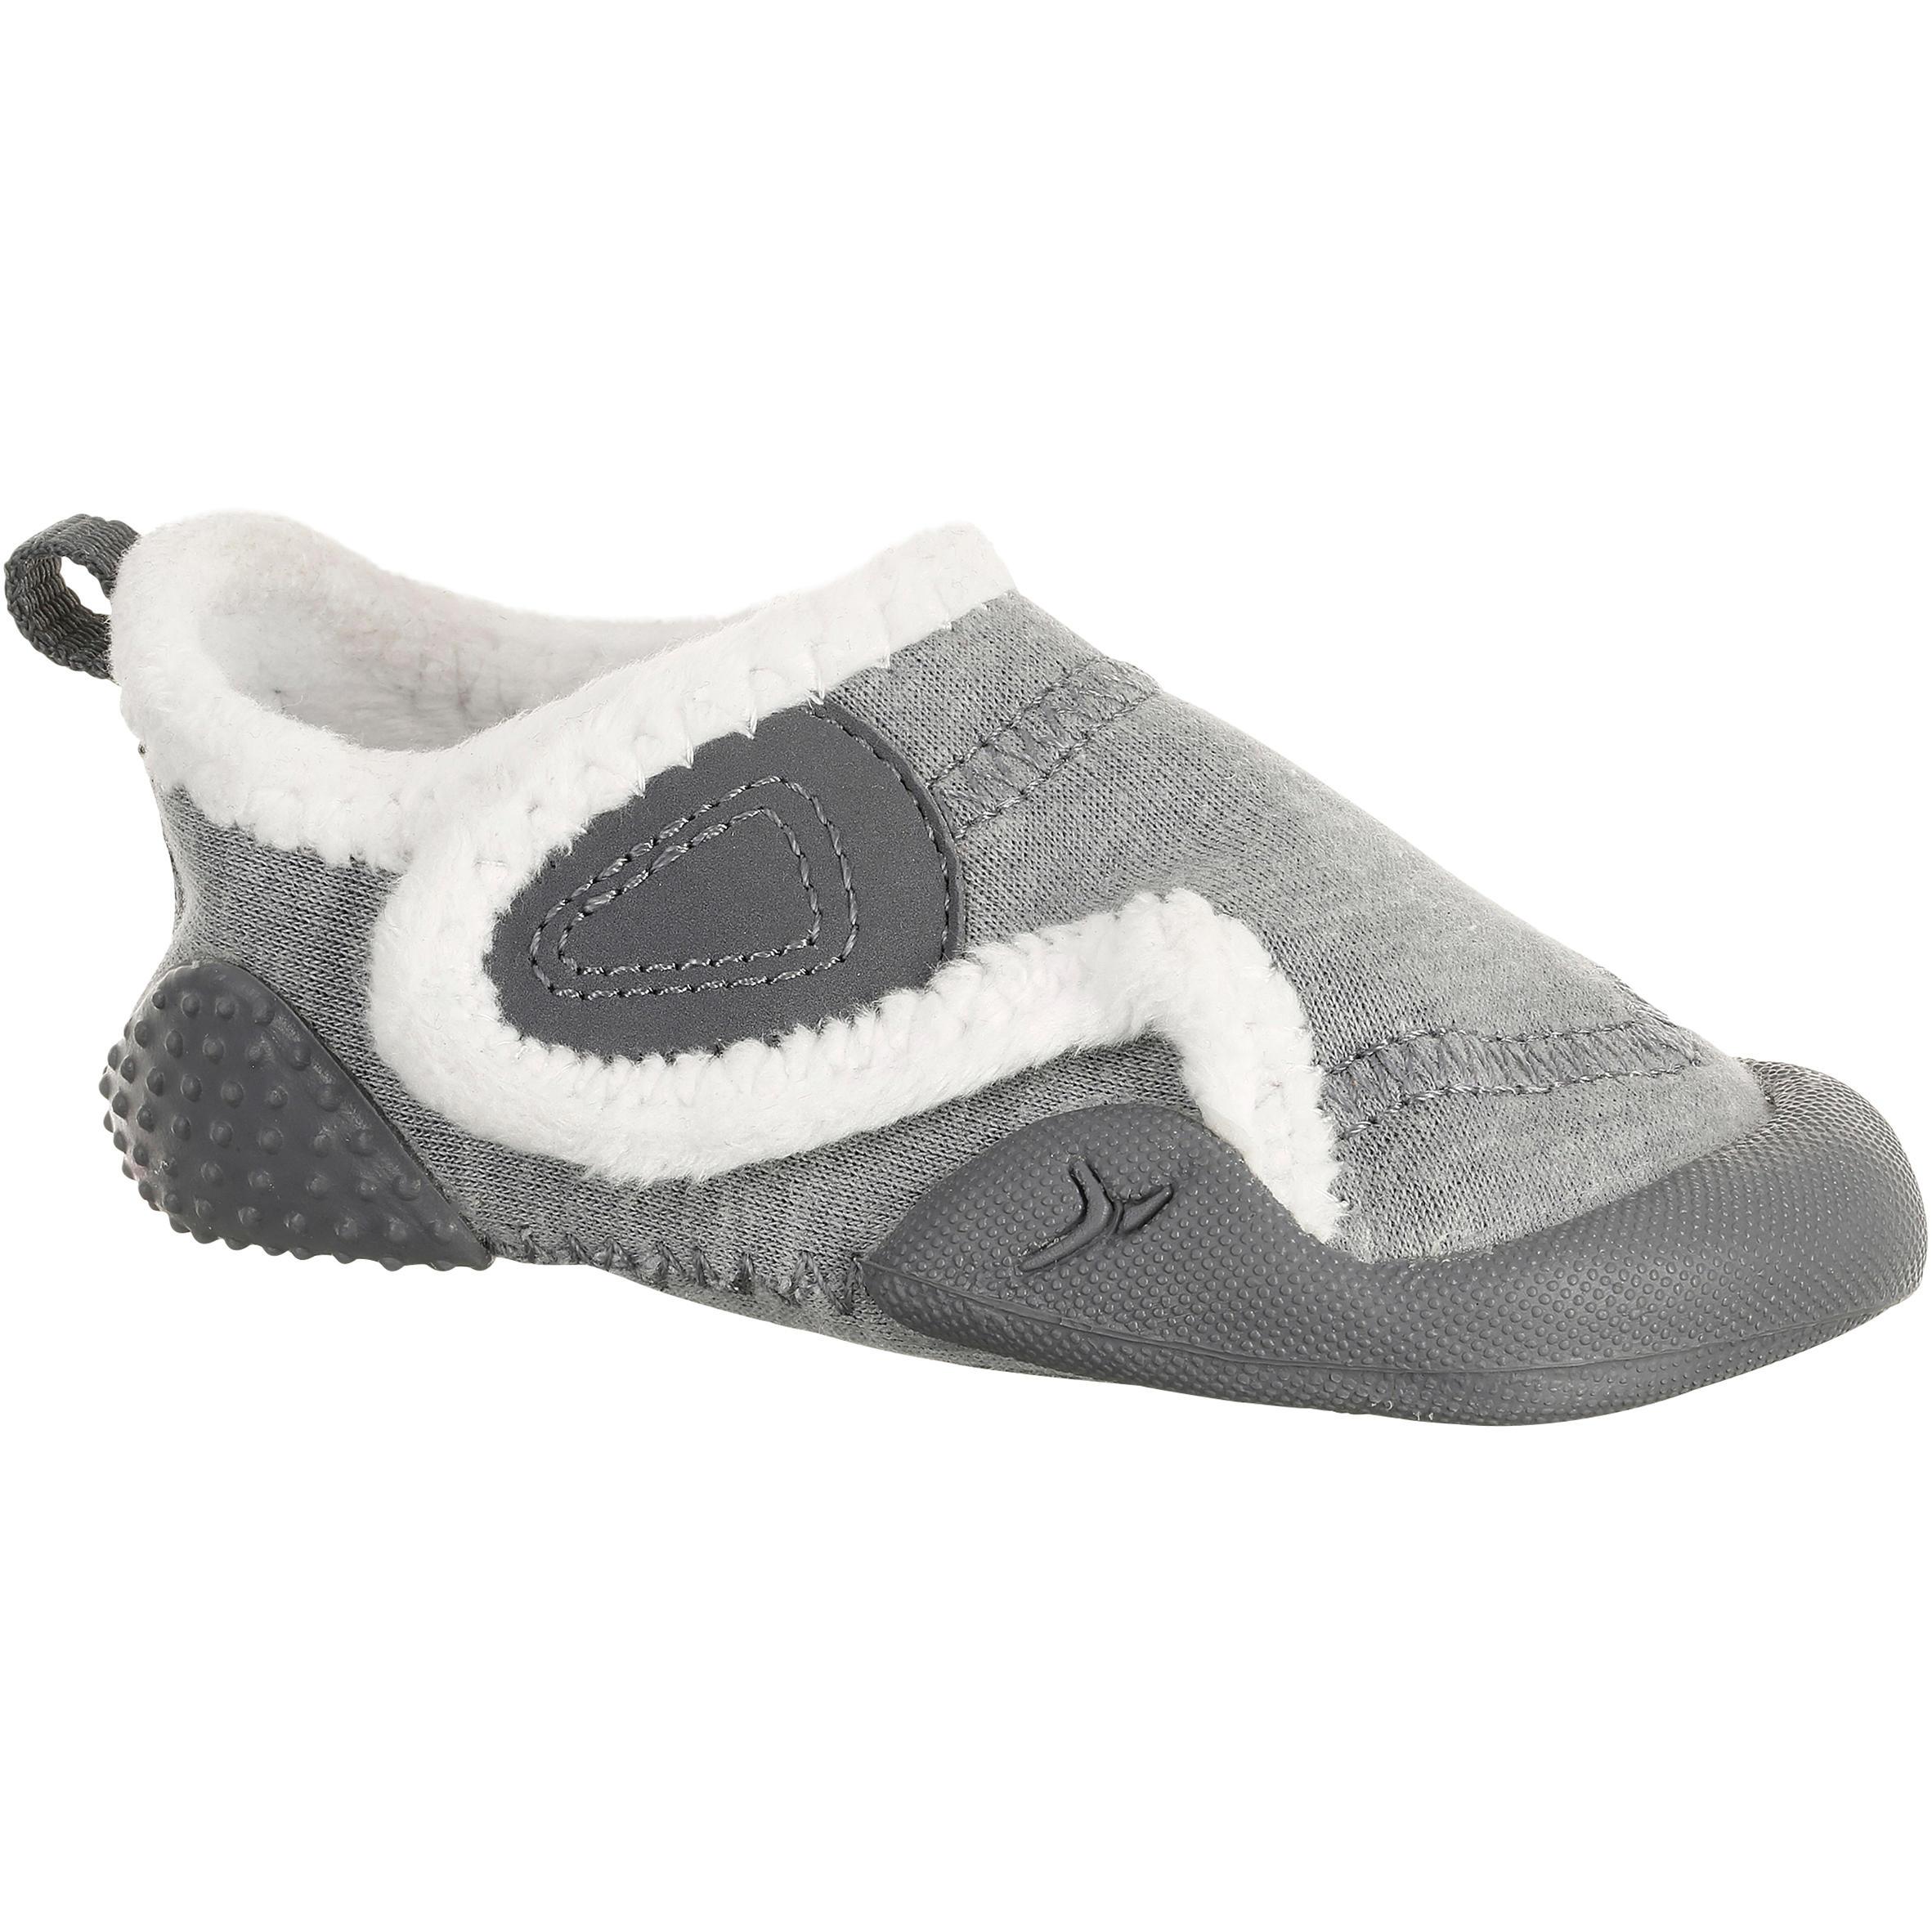 Zapatillas BABYLIGHT forradas gris jaspeado